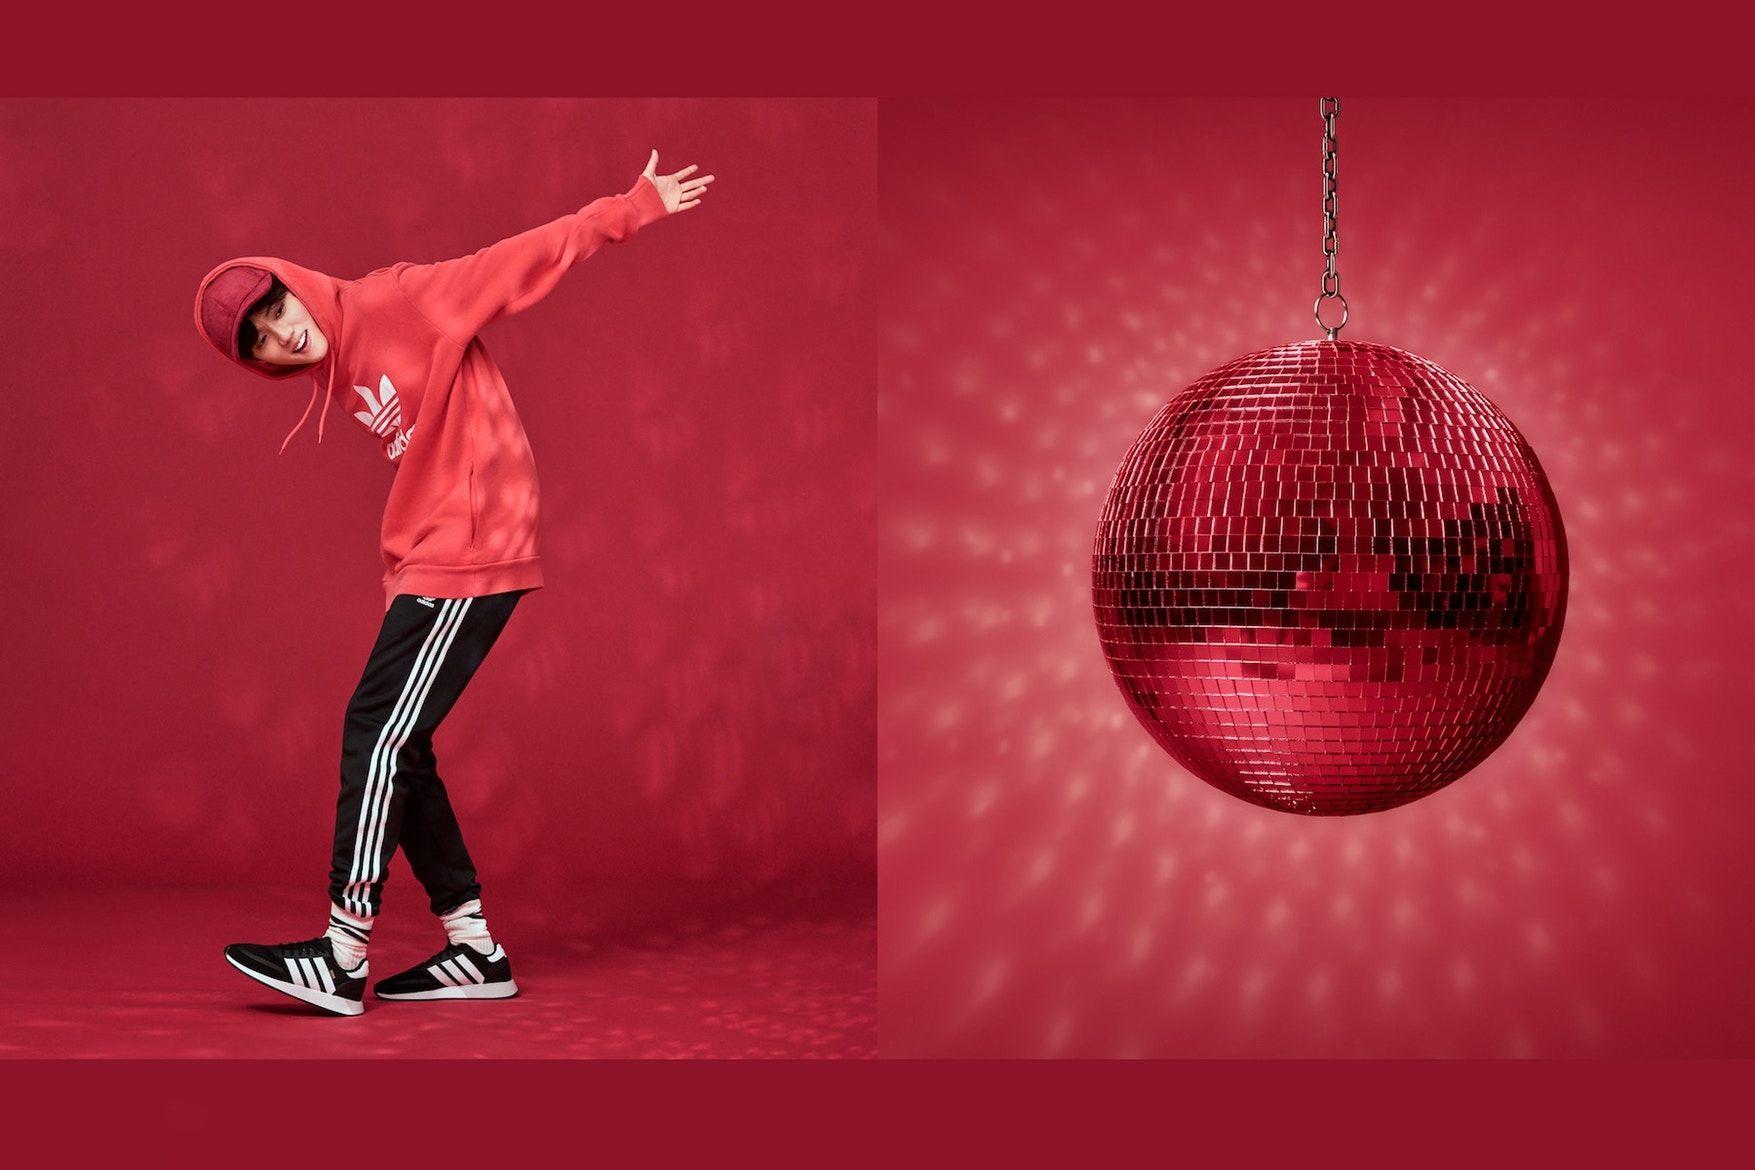 adidas-originals-spring-summer-2018-adicolor-apparel-4